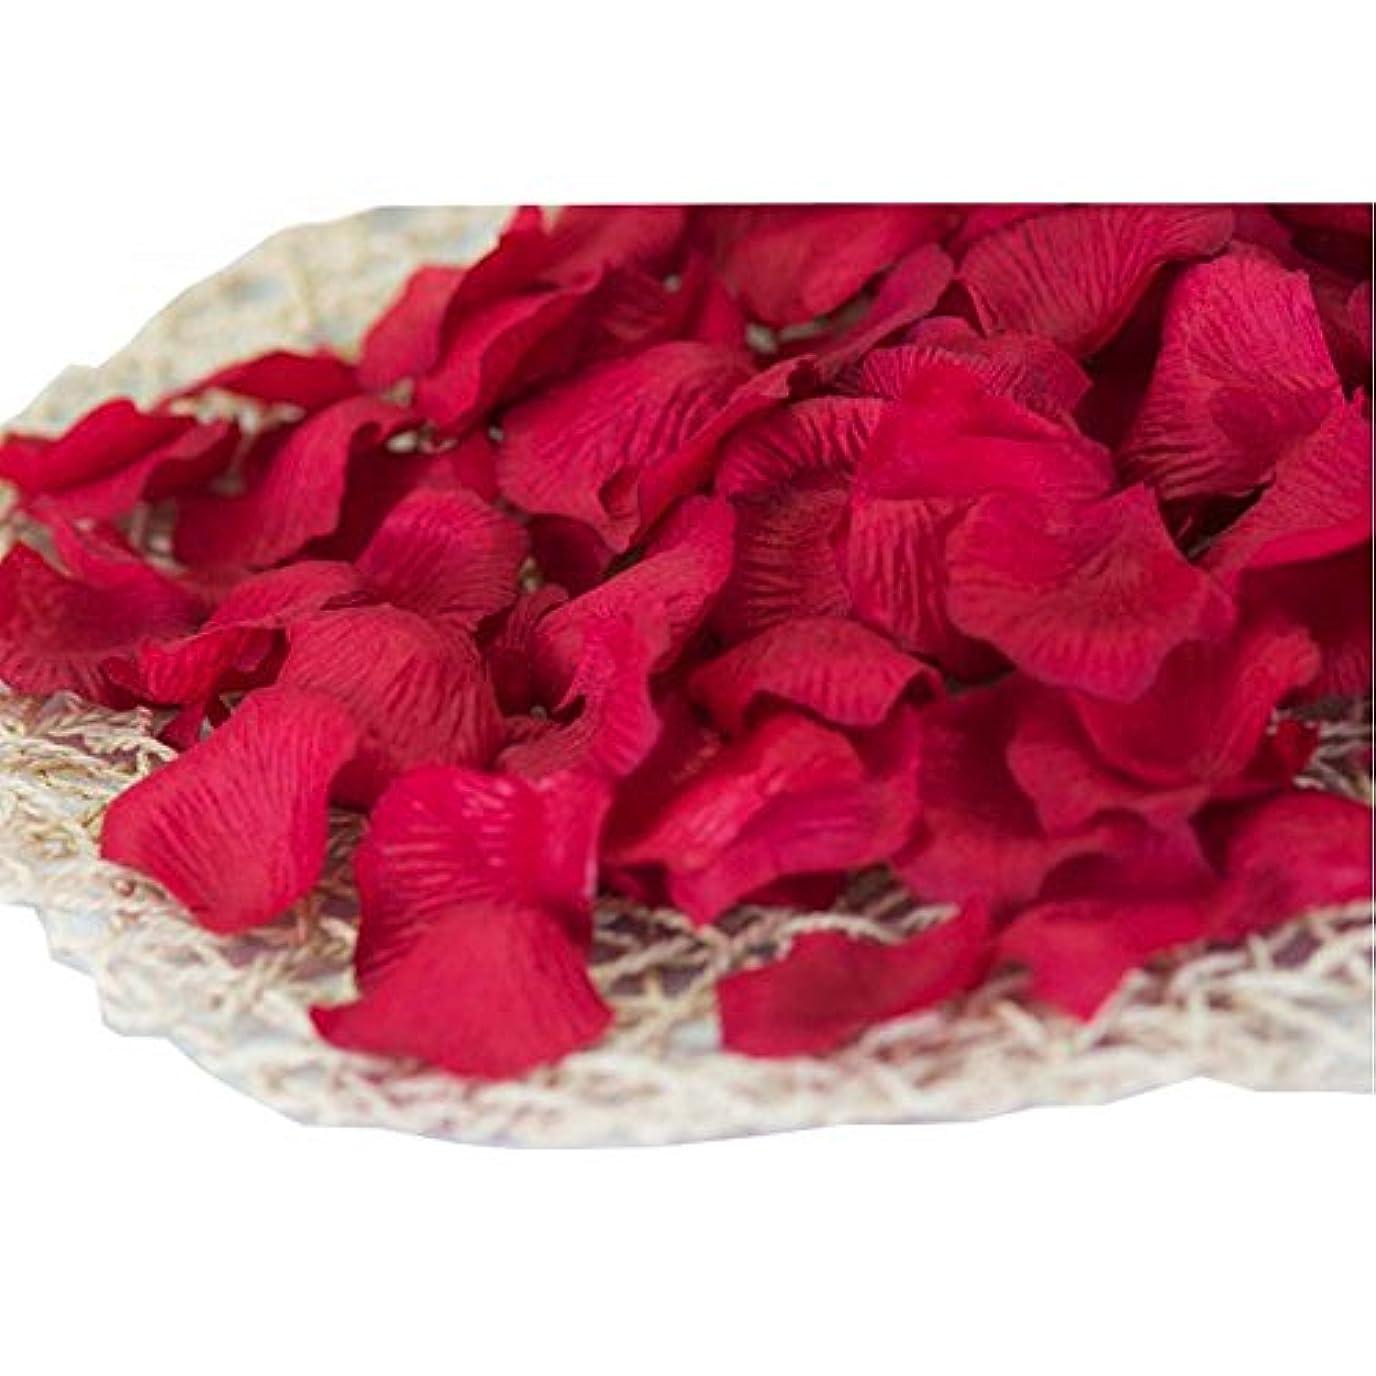 歩行者南東非効率的な840の結婚式のための暗赤色の人工ローズフラワーの花びら